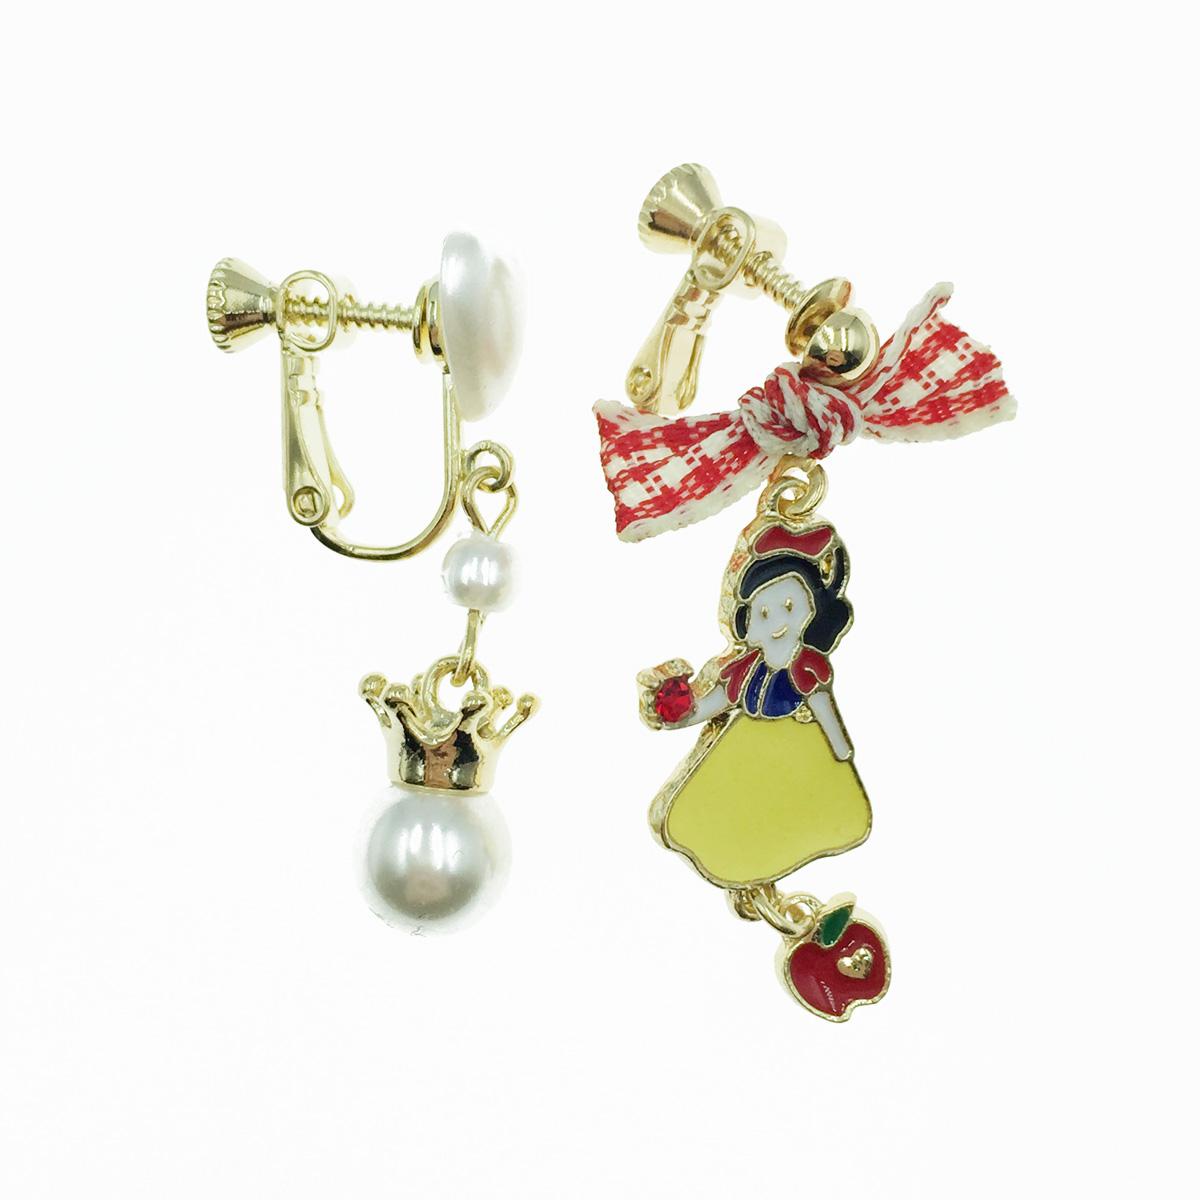 韓國 白雪公主 蝴蝶結 珍珠愛心 垂墜感 夾式耳環